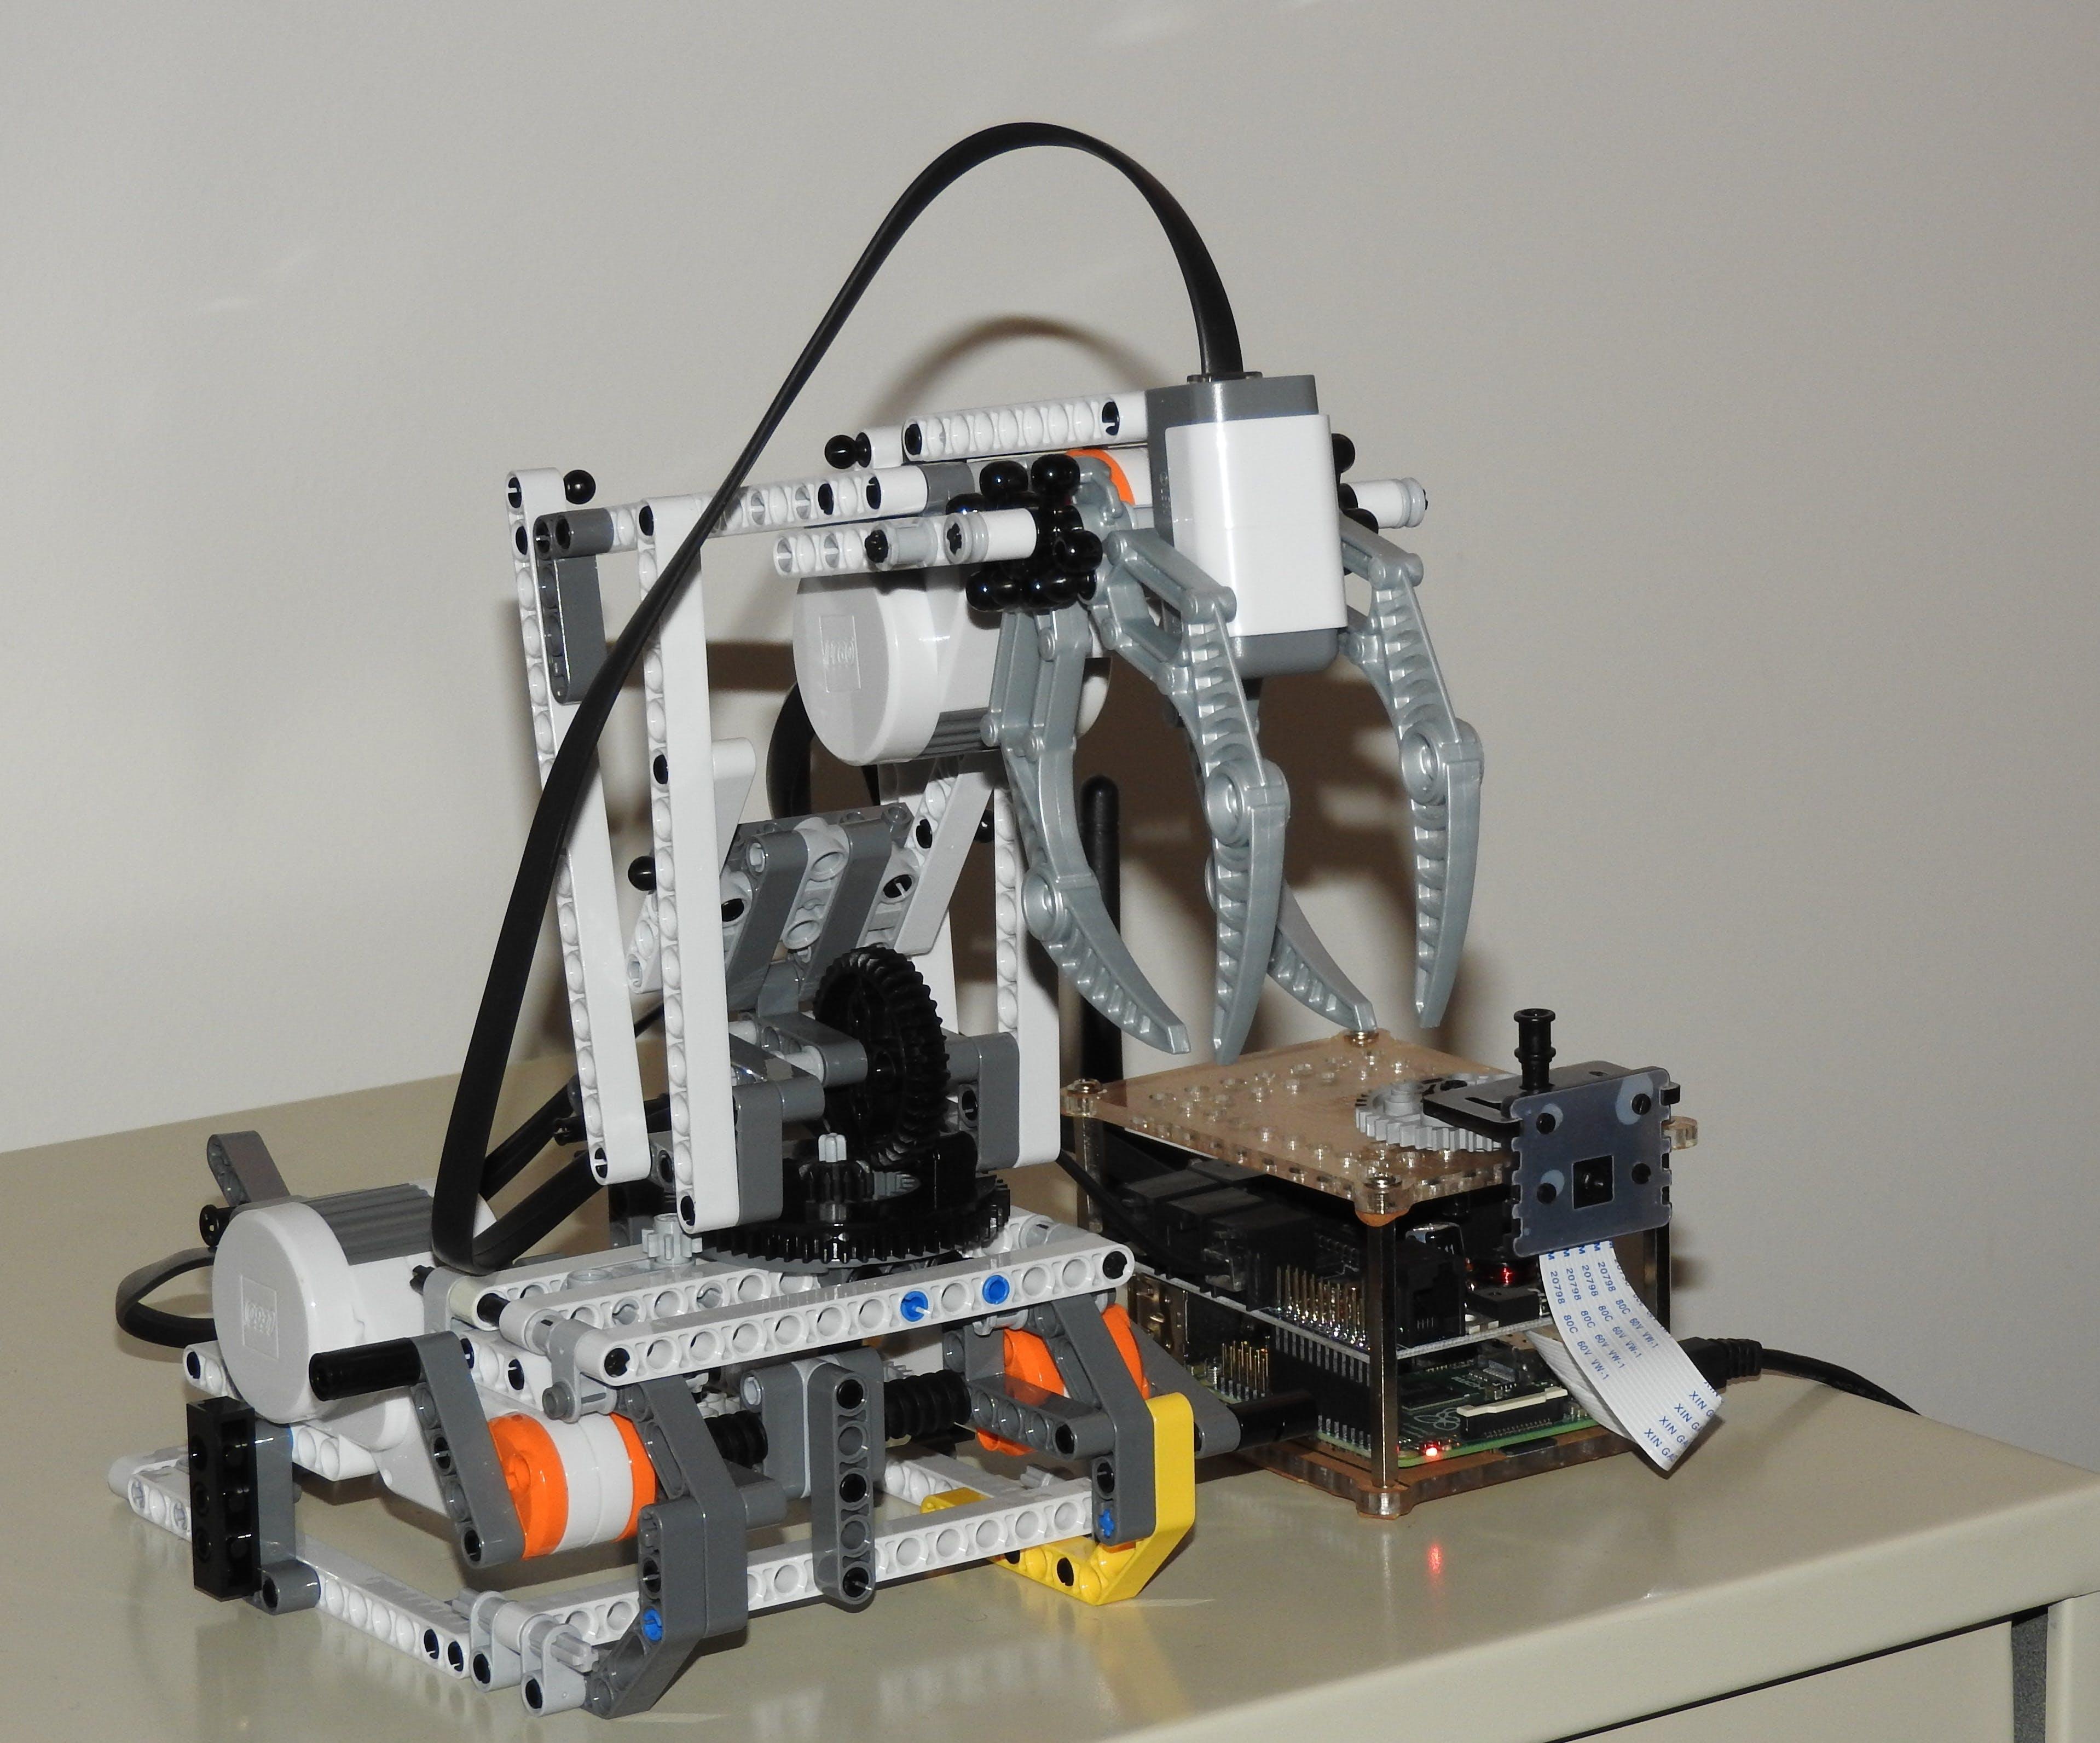 BrickPi Robotic Arm